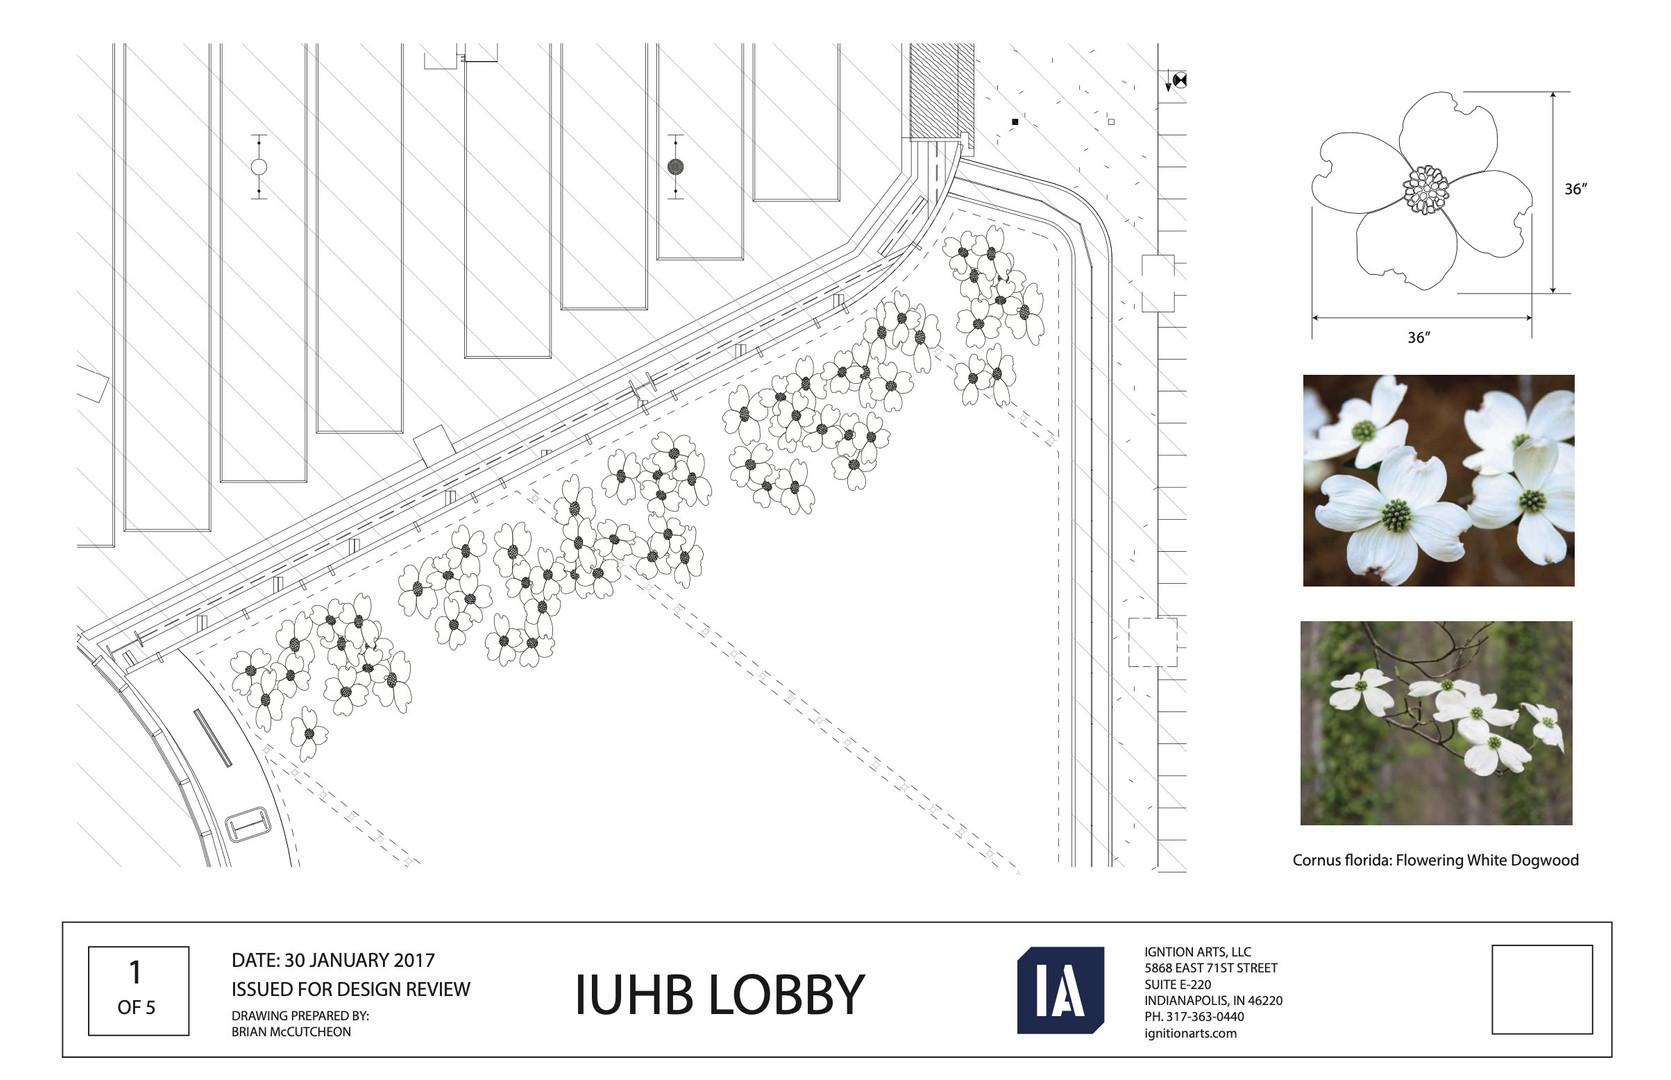 IUHB-schematics.jpg